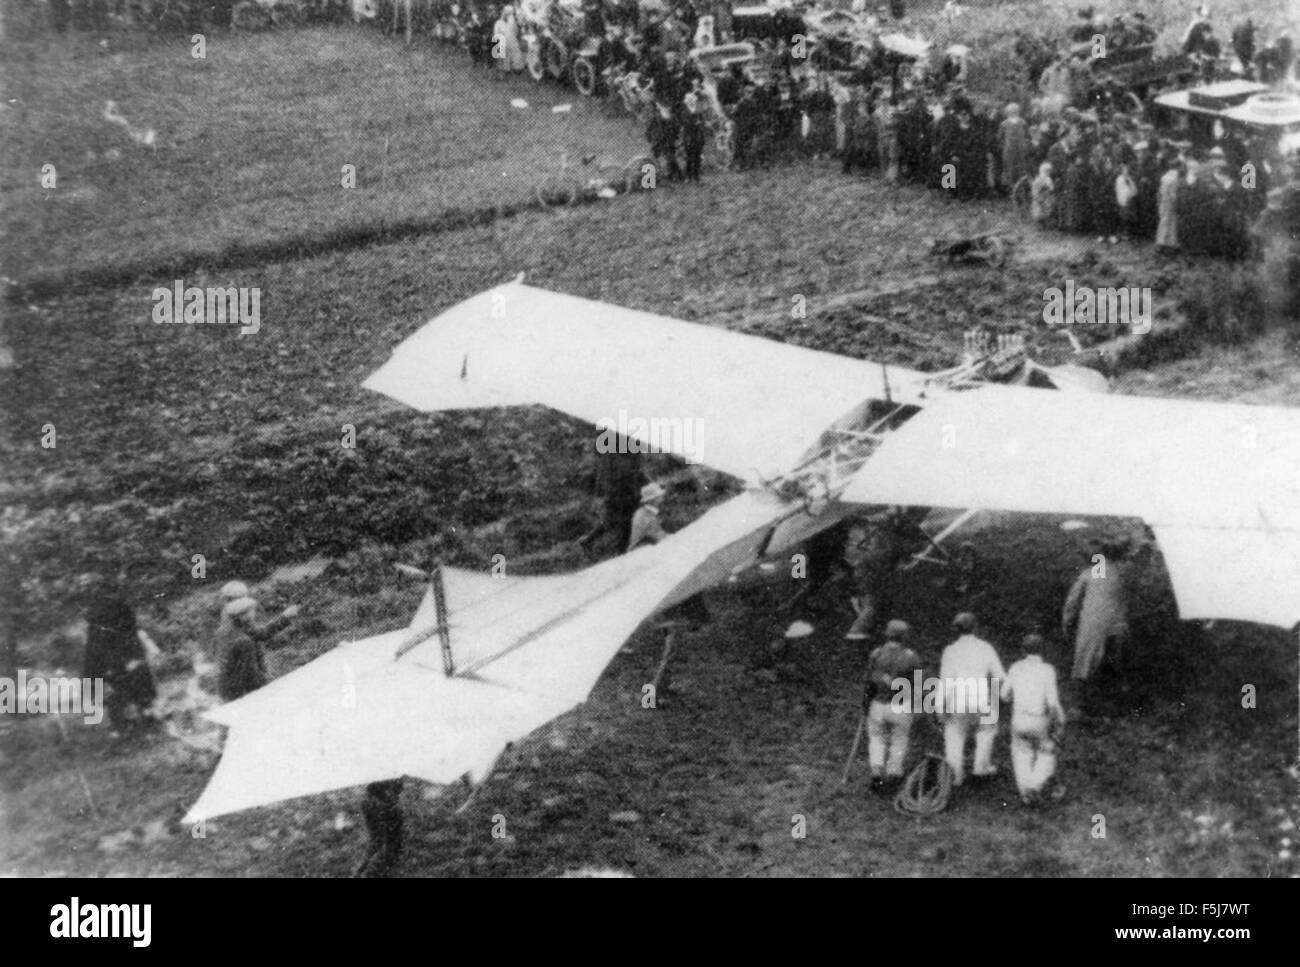 Antoinette monoplano Foto de stock